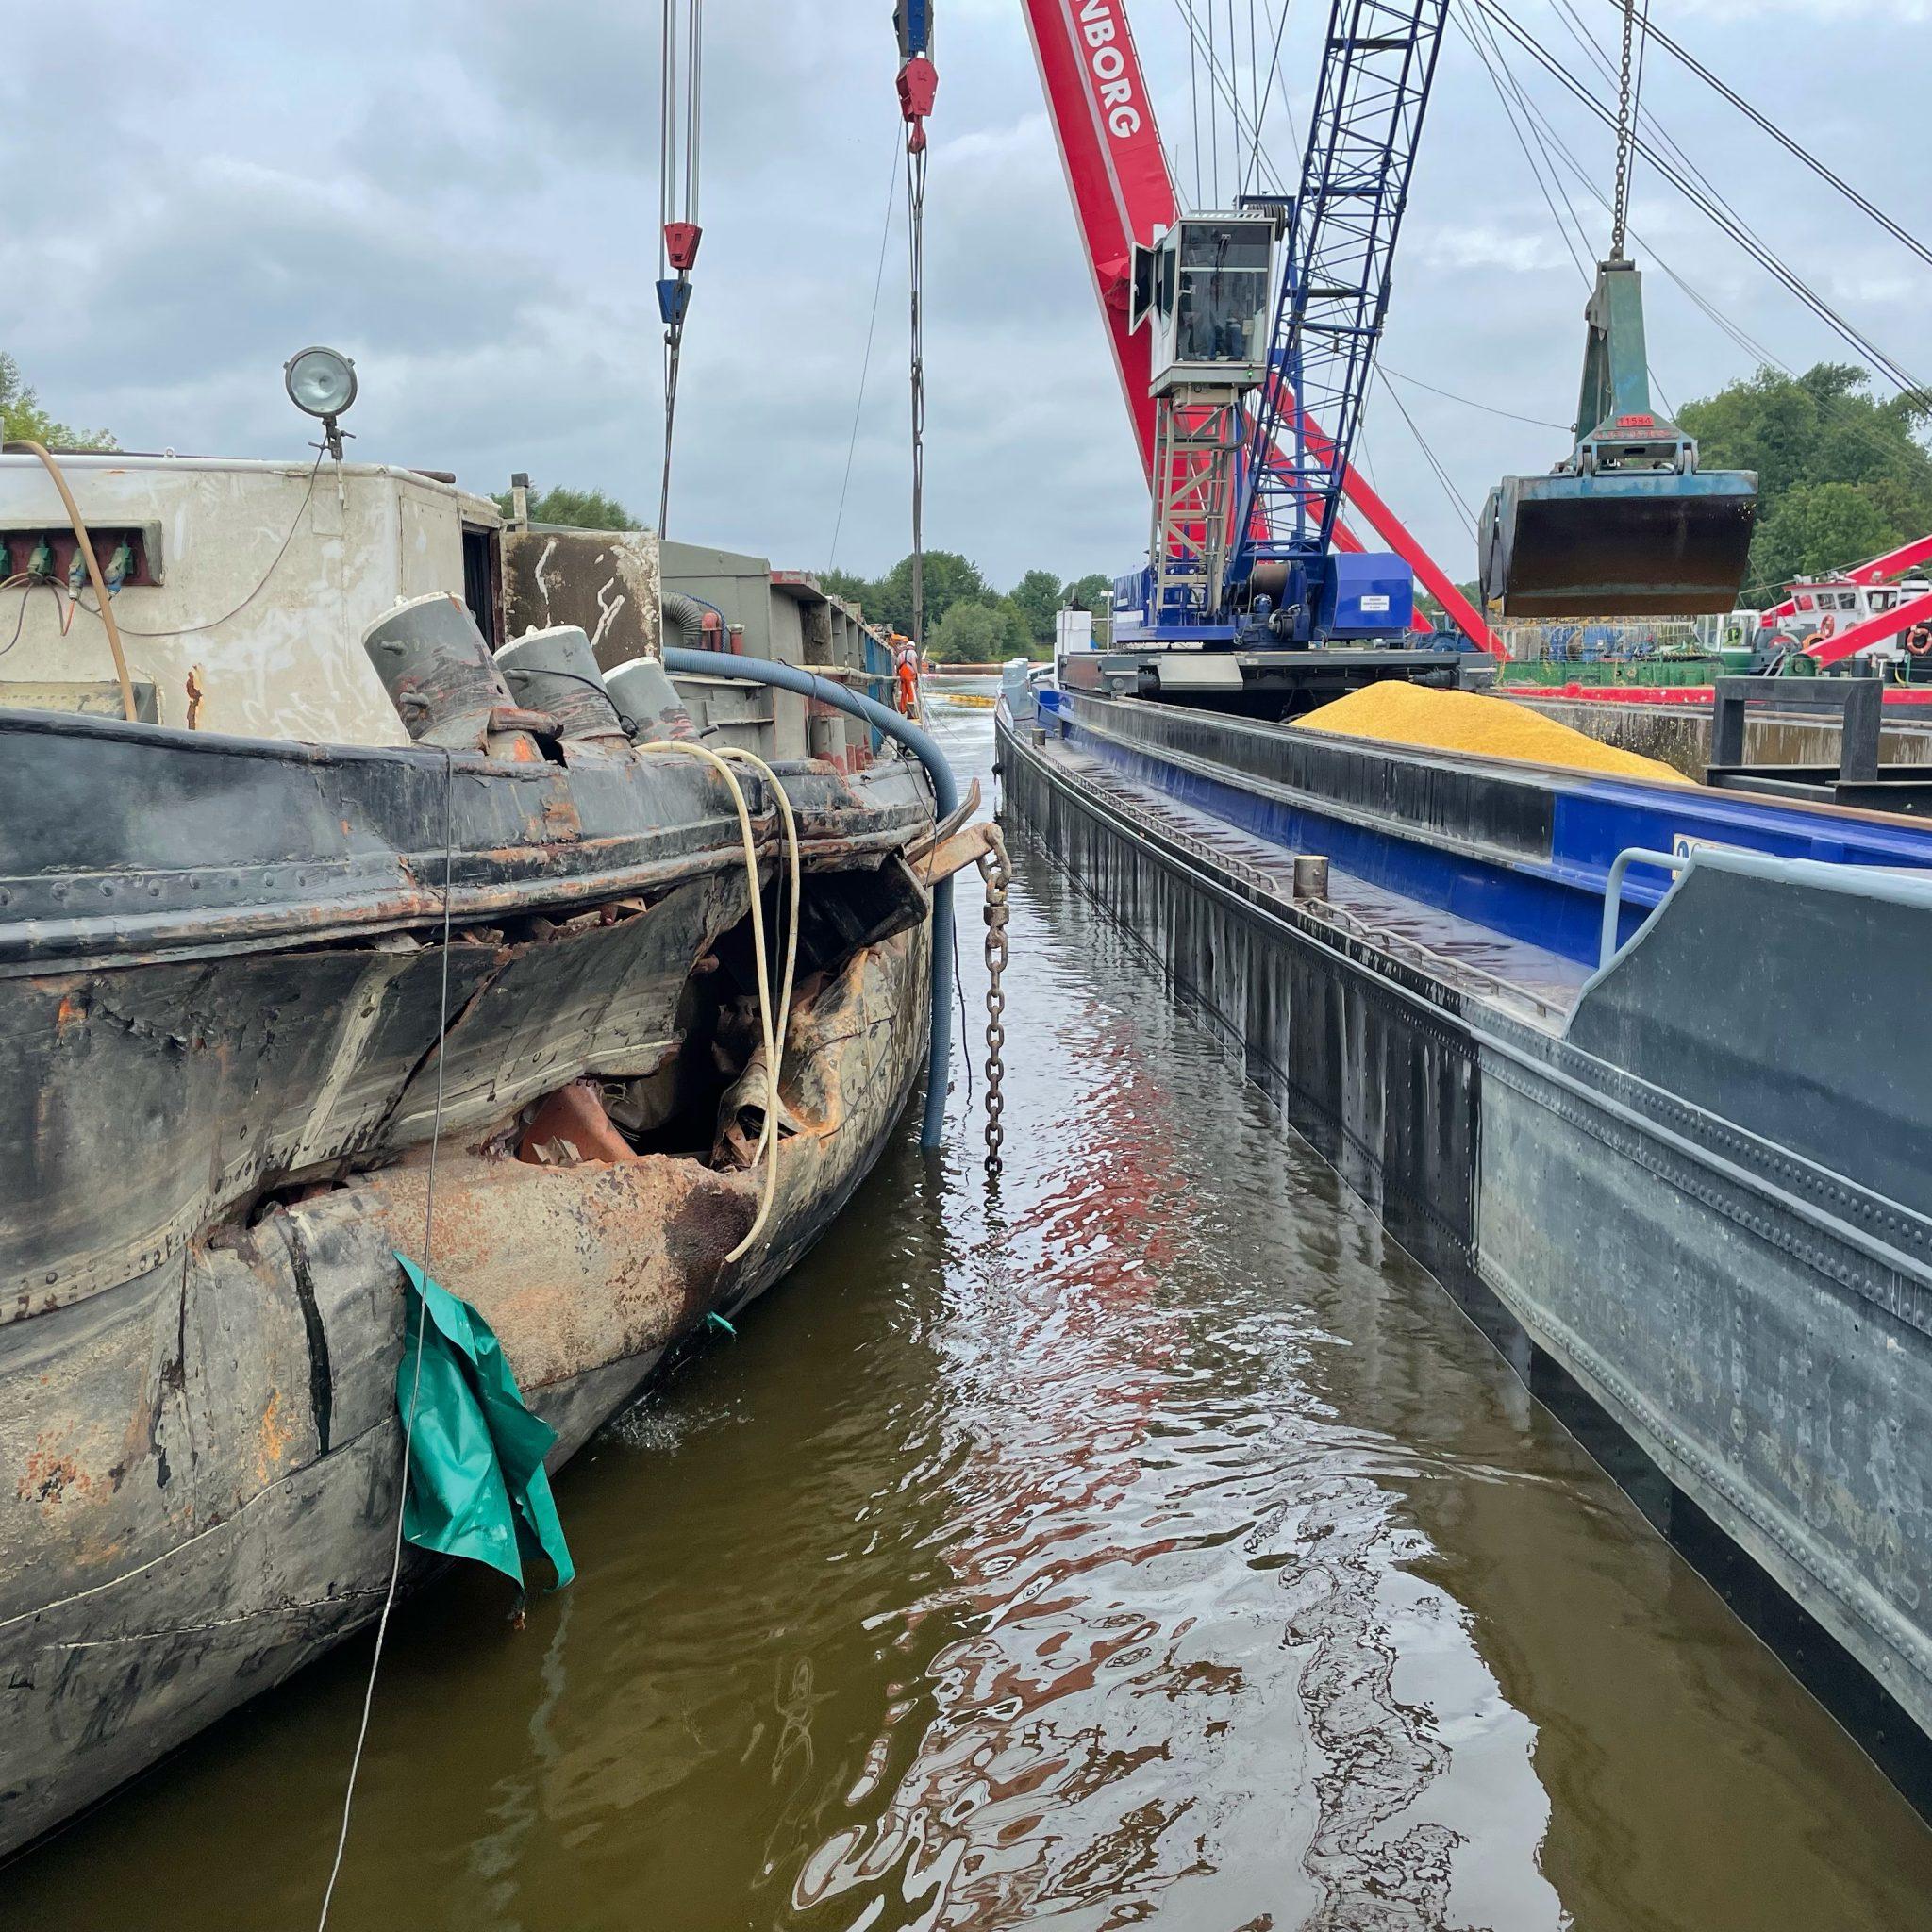 Nadat het lek boven water was kon de IJsvogel de laatste 200 m3 mais uit het ruim van de West Oder 1 overnemen (Foto Kreisfeuerwehr Nienburg Uwe Schiebe)